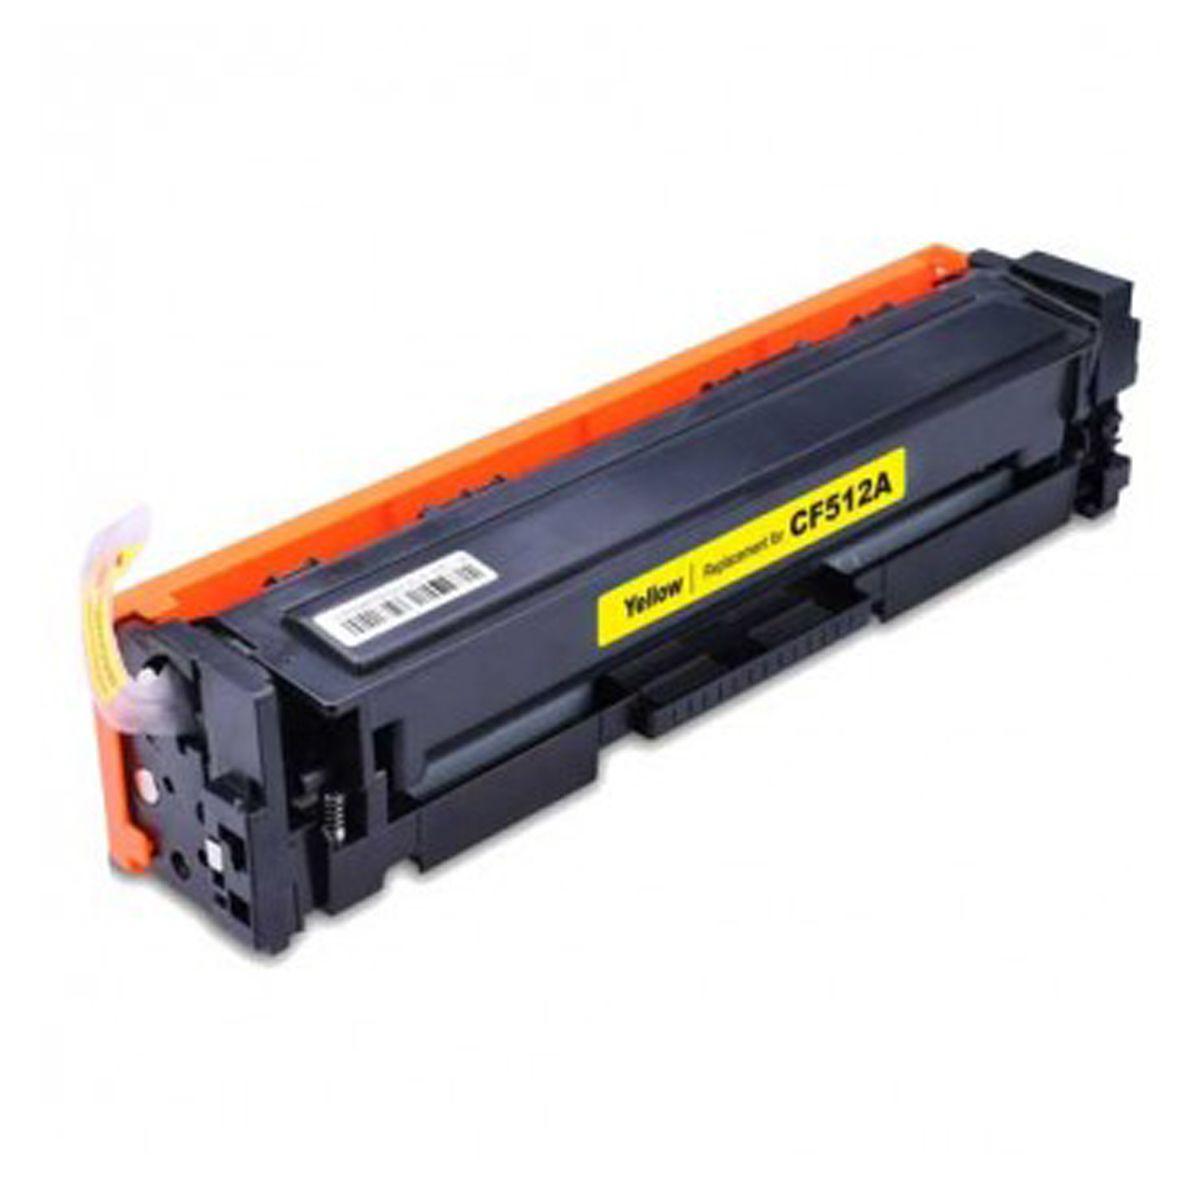 Toner Compativel com HP CF512A CF512 512A 204A Amarelo - M180NW M180 - 0.9k